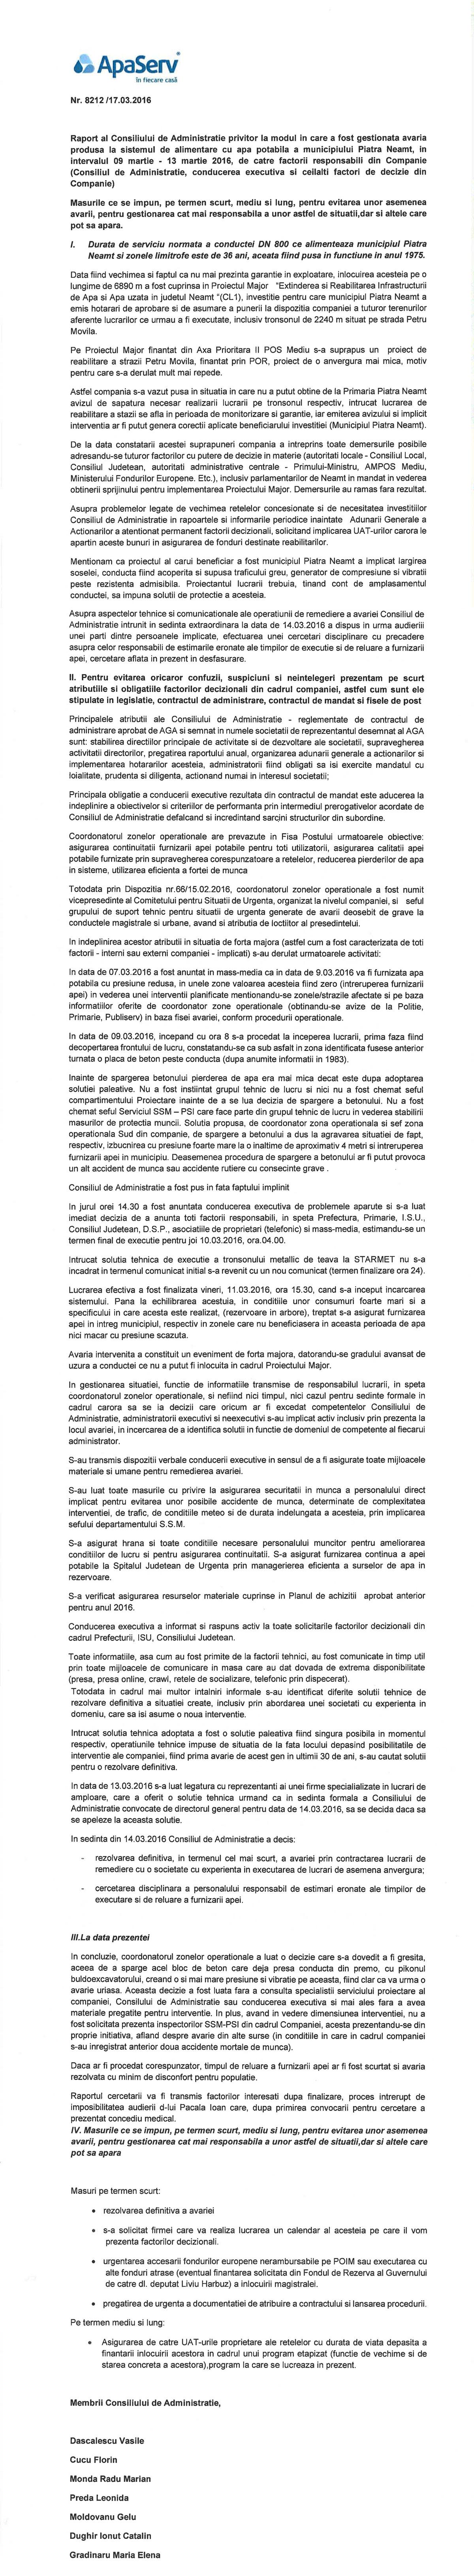 Raportul-Consiliului-de-Administratie---C.J.-ApaServ-S